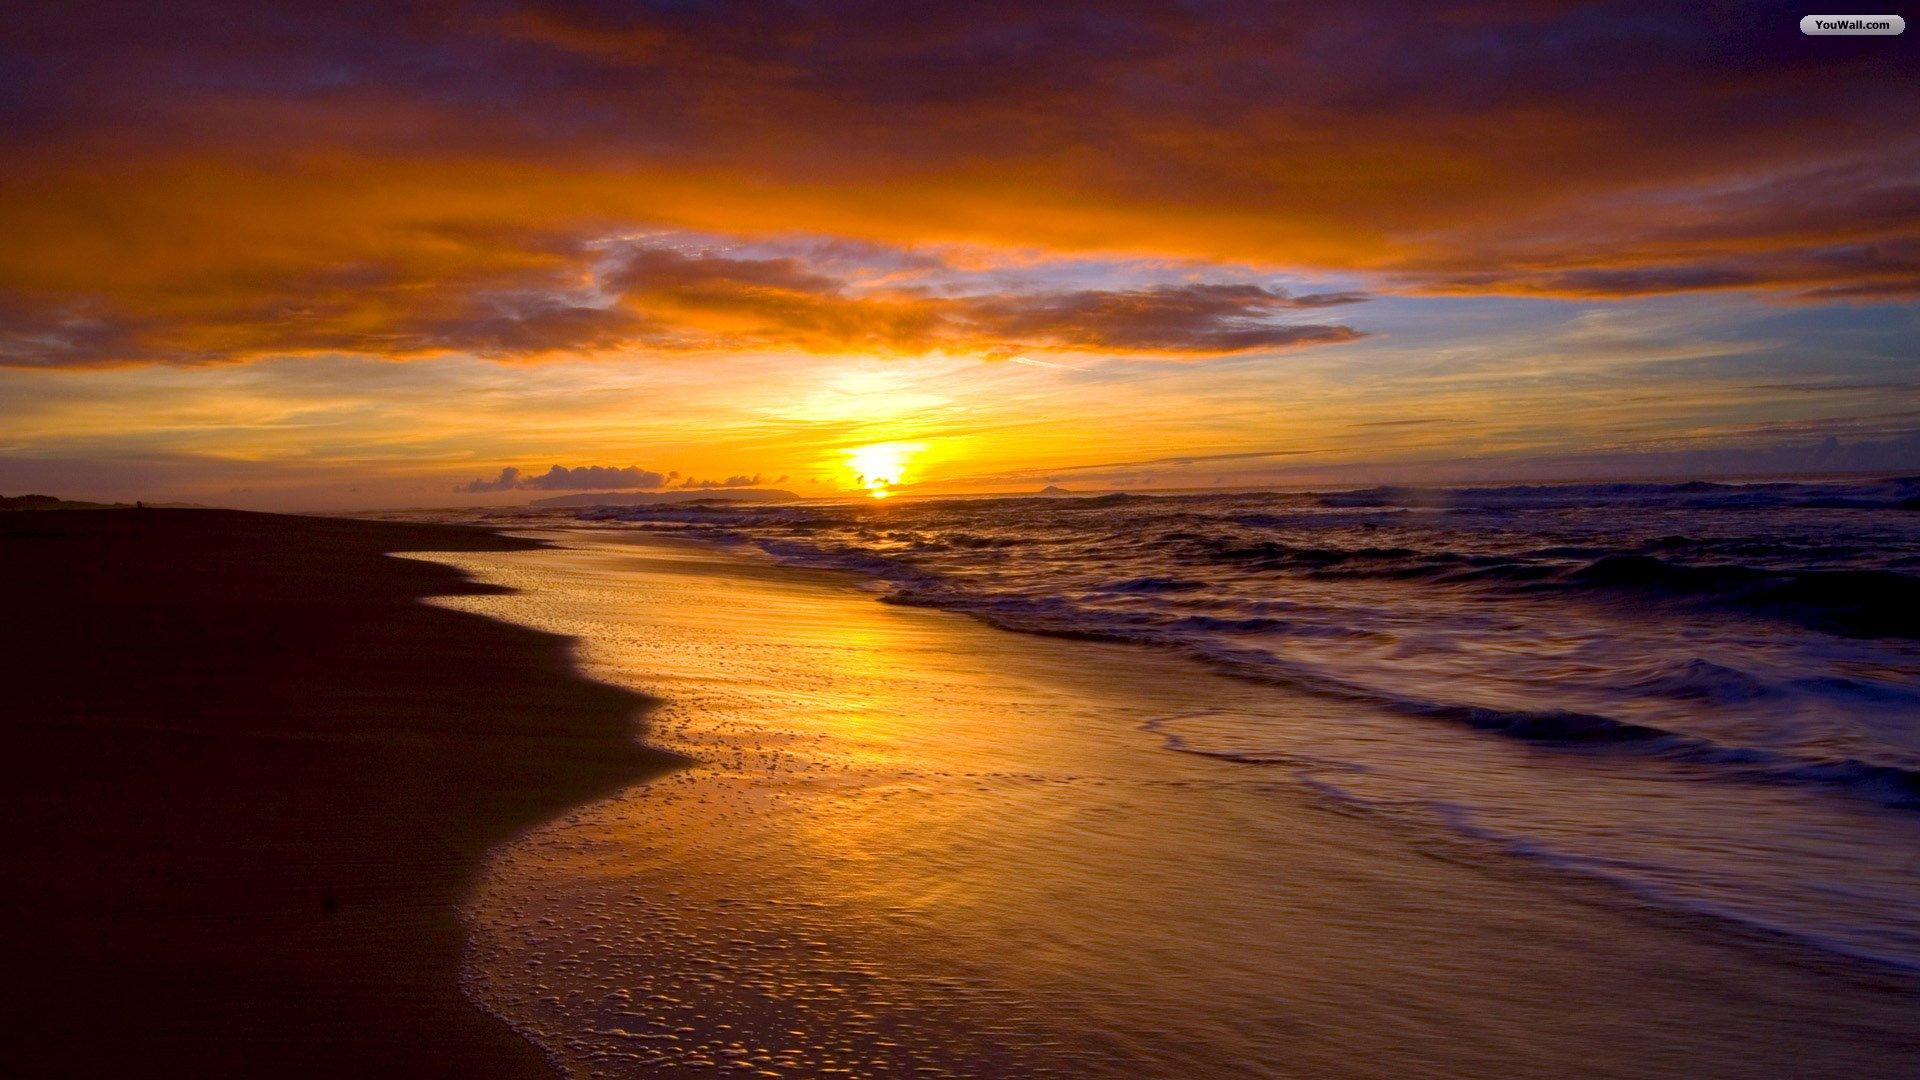 wallpaper, sunset, beach, resolution, papel, high